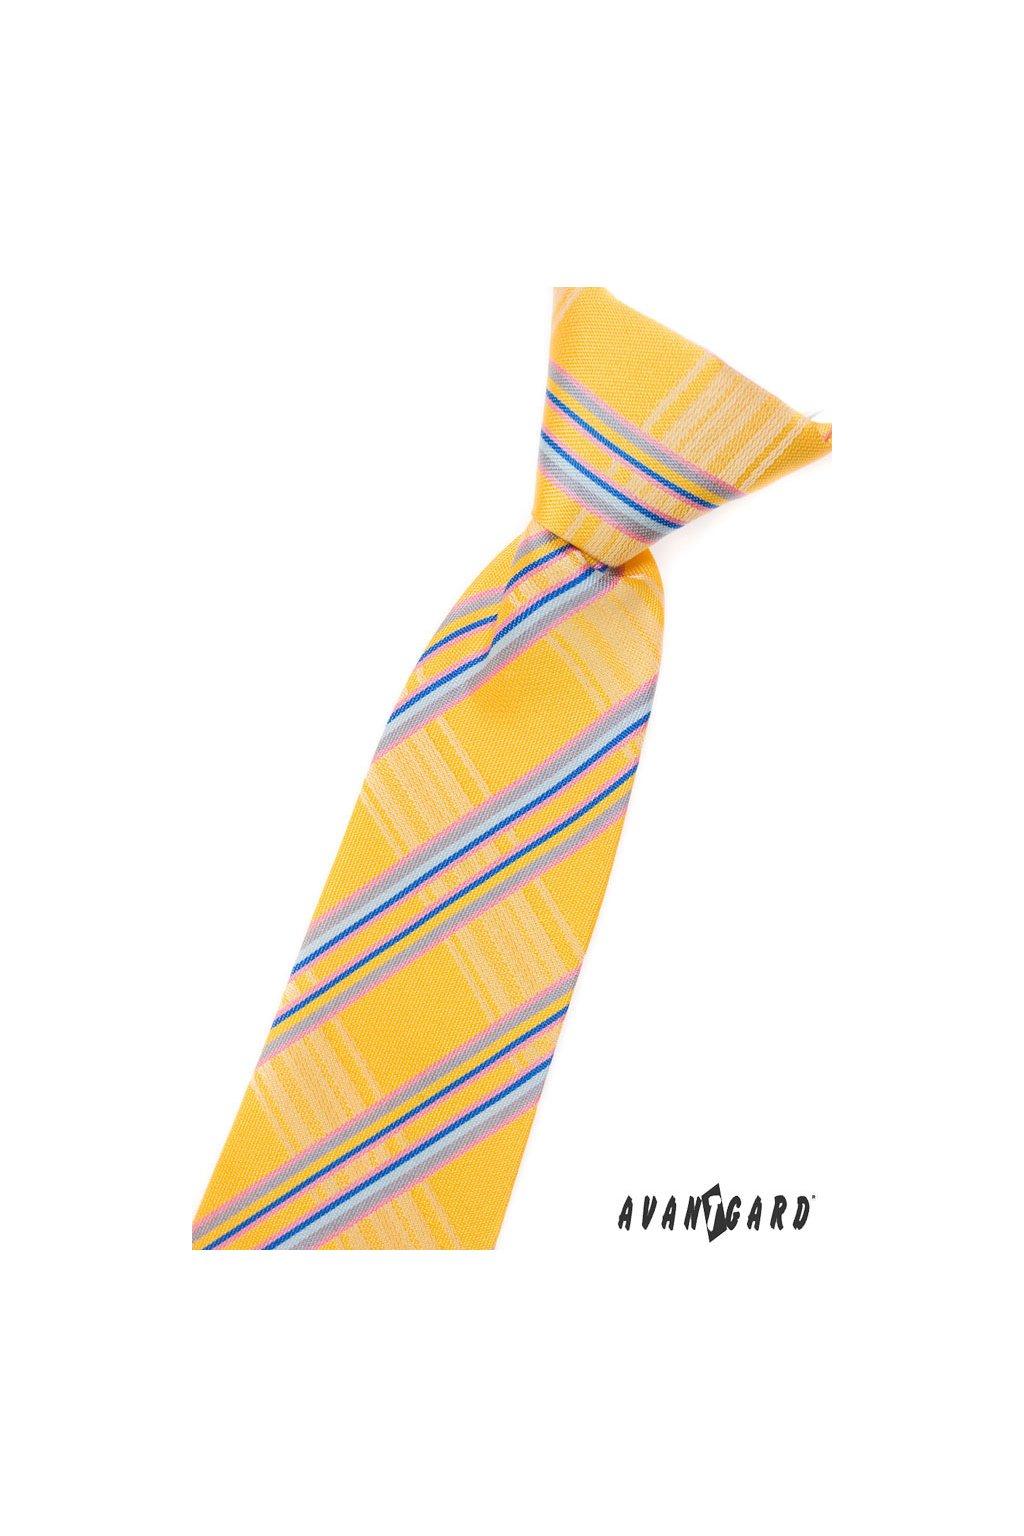 Chlapecká kravata žlutá 558 - 1206